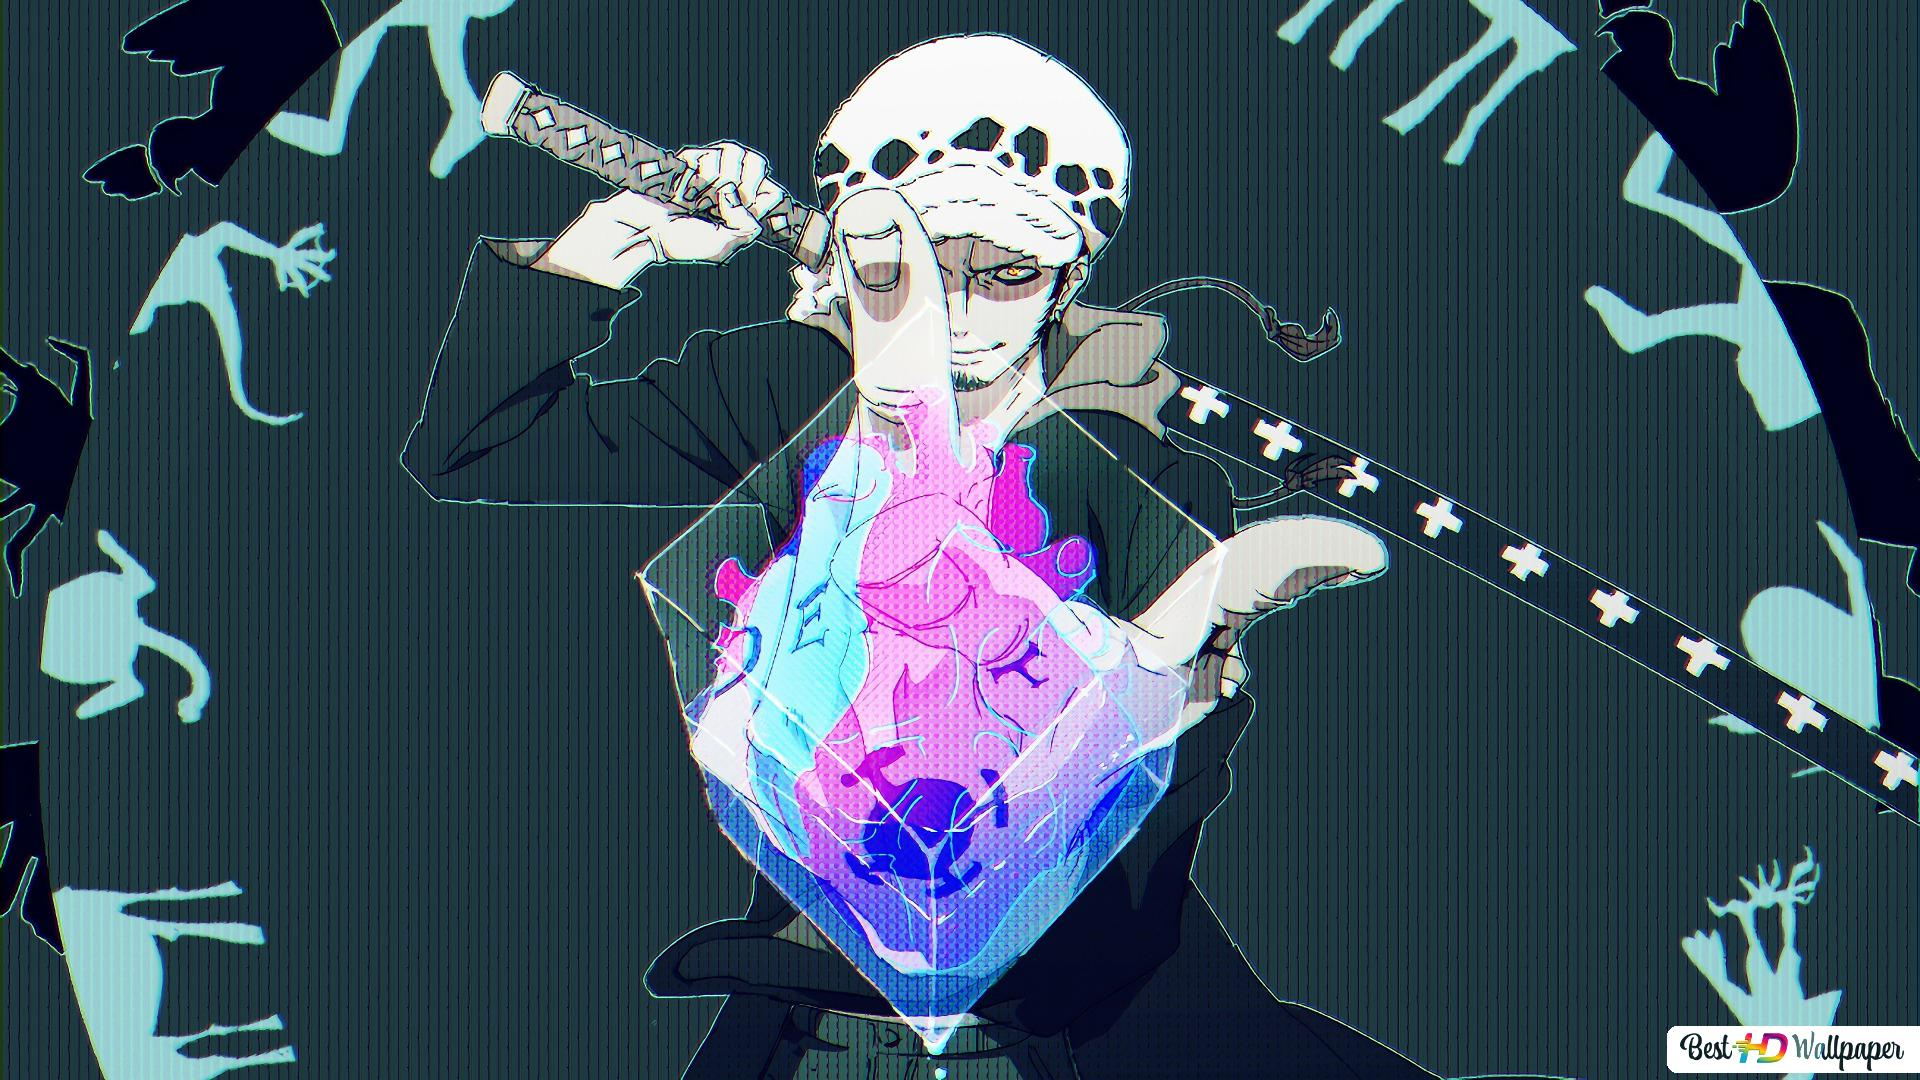 One Piece Trafalgar D Water Law Surgeon Of Death Hd Wallpaper